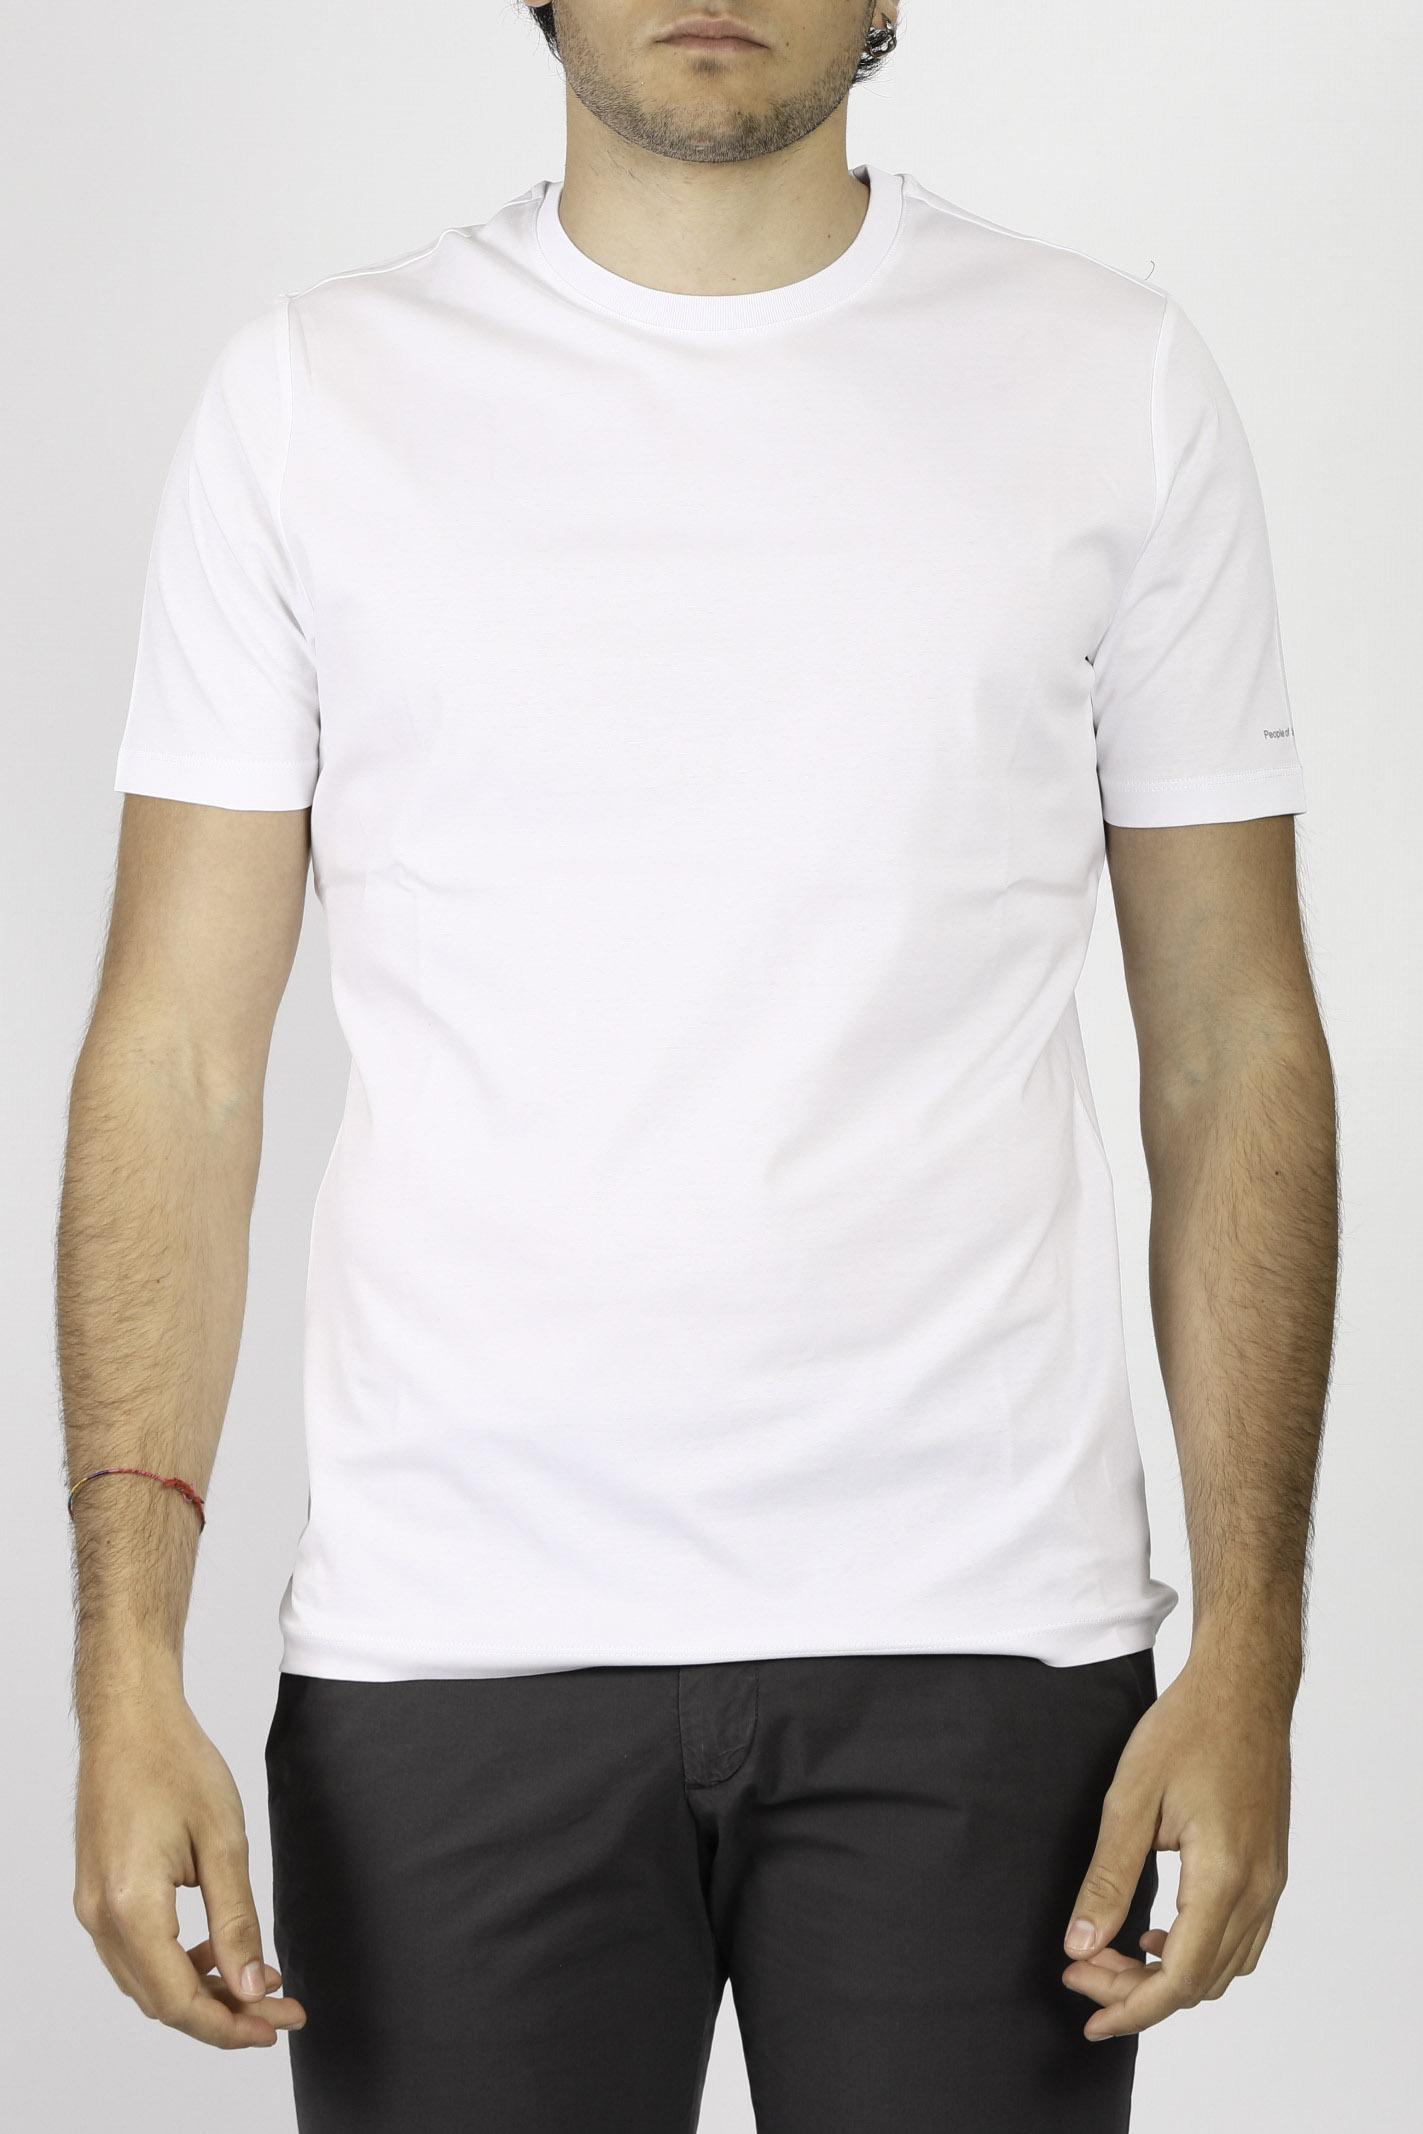 T-SHIRT IN COTONE PEOPLE OF SHIBUYA   T-shirt   SHIKO-PM444000